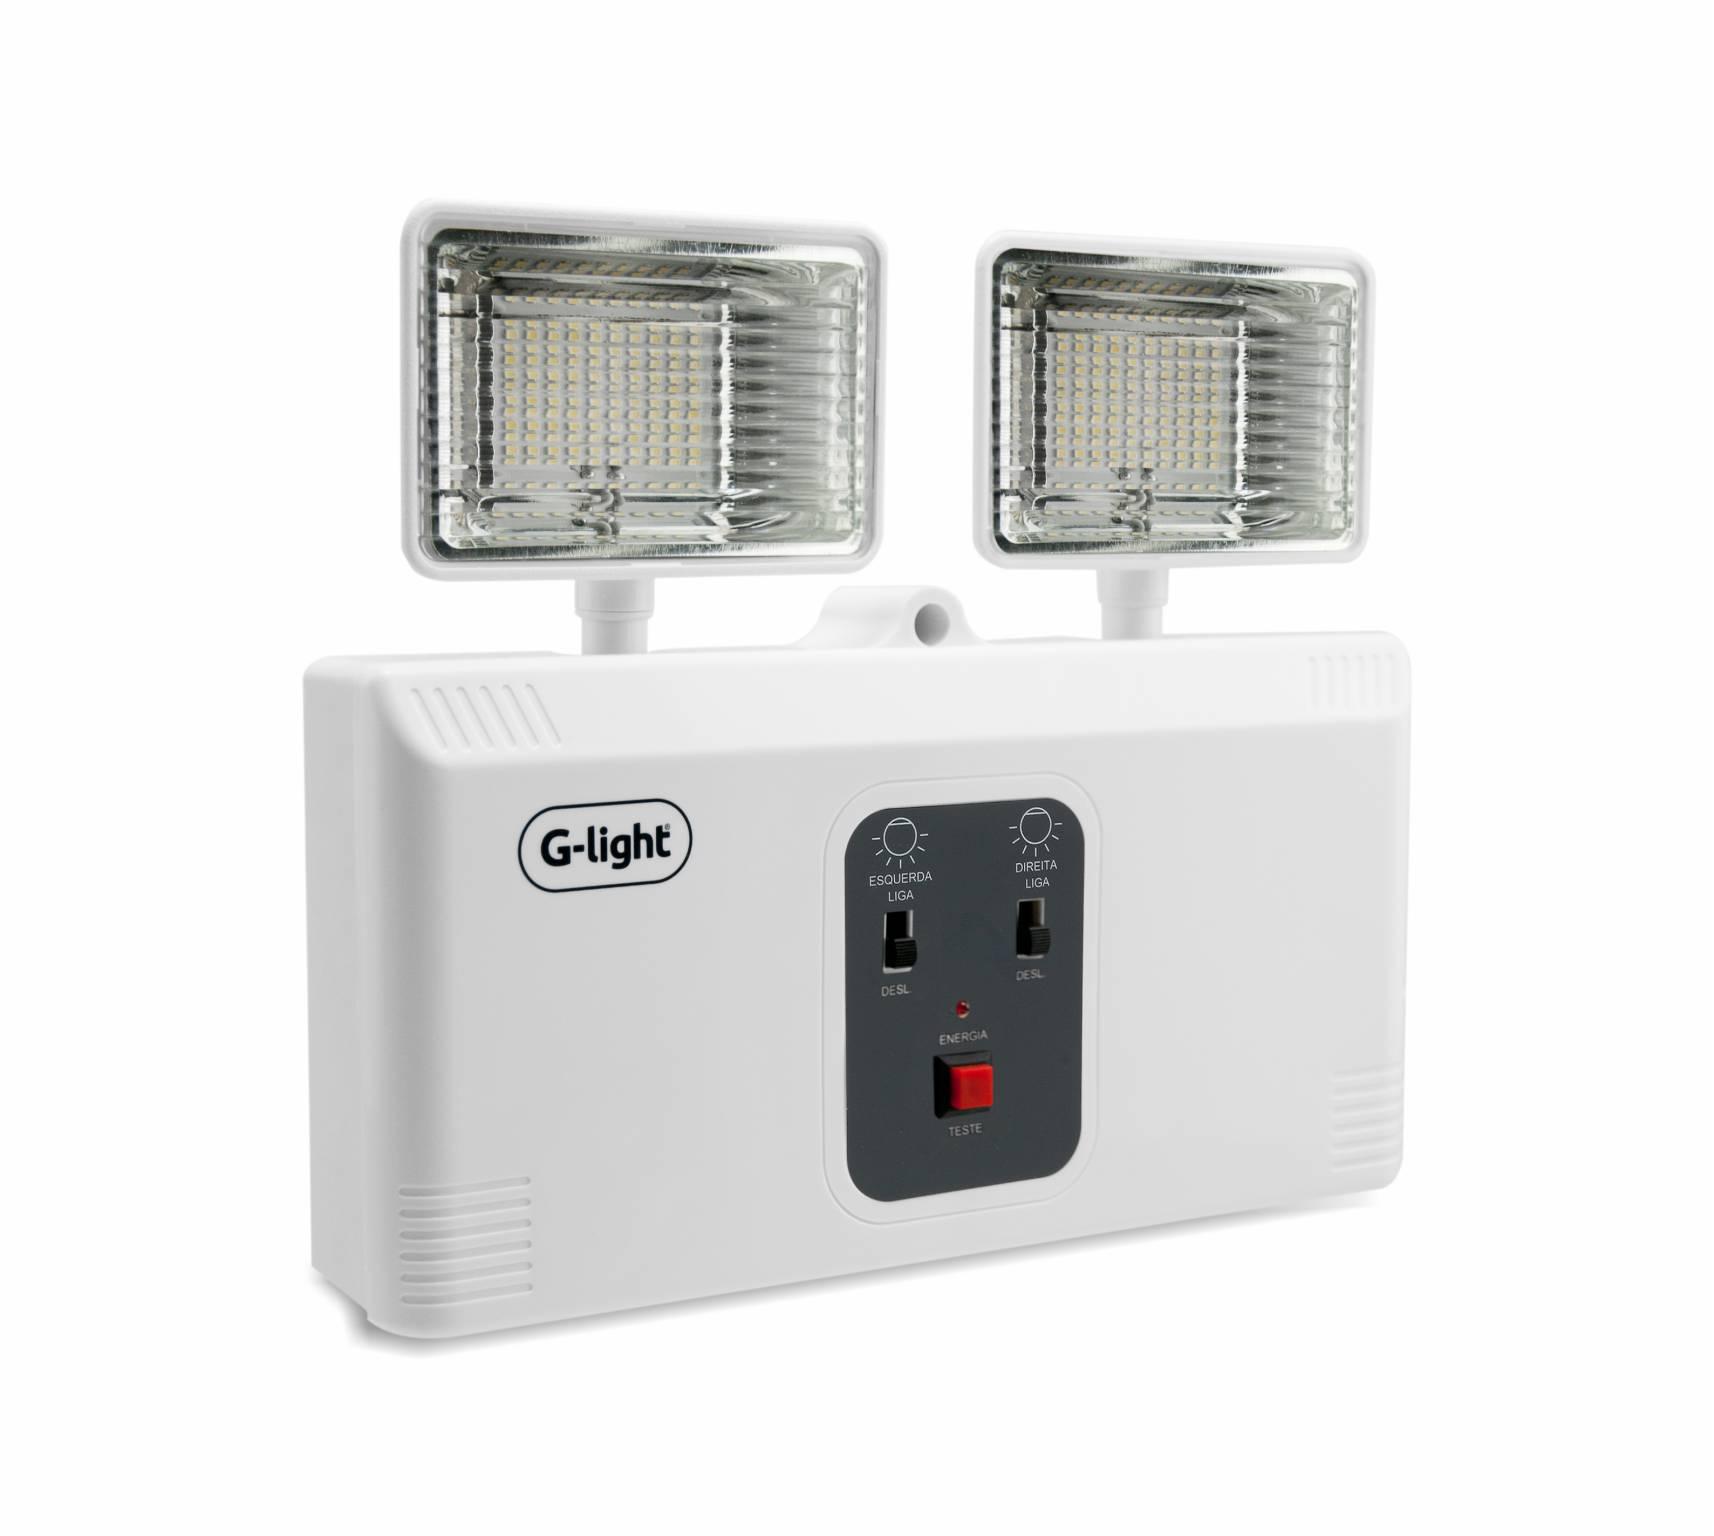 Bloco Autonomo LED P/ Iluminação de Emergência 20W - 3000lm 6500K AUTOVOLT